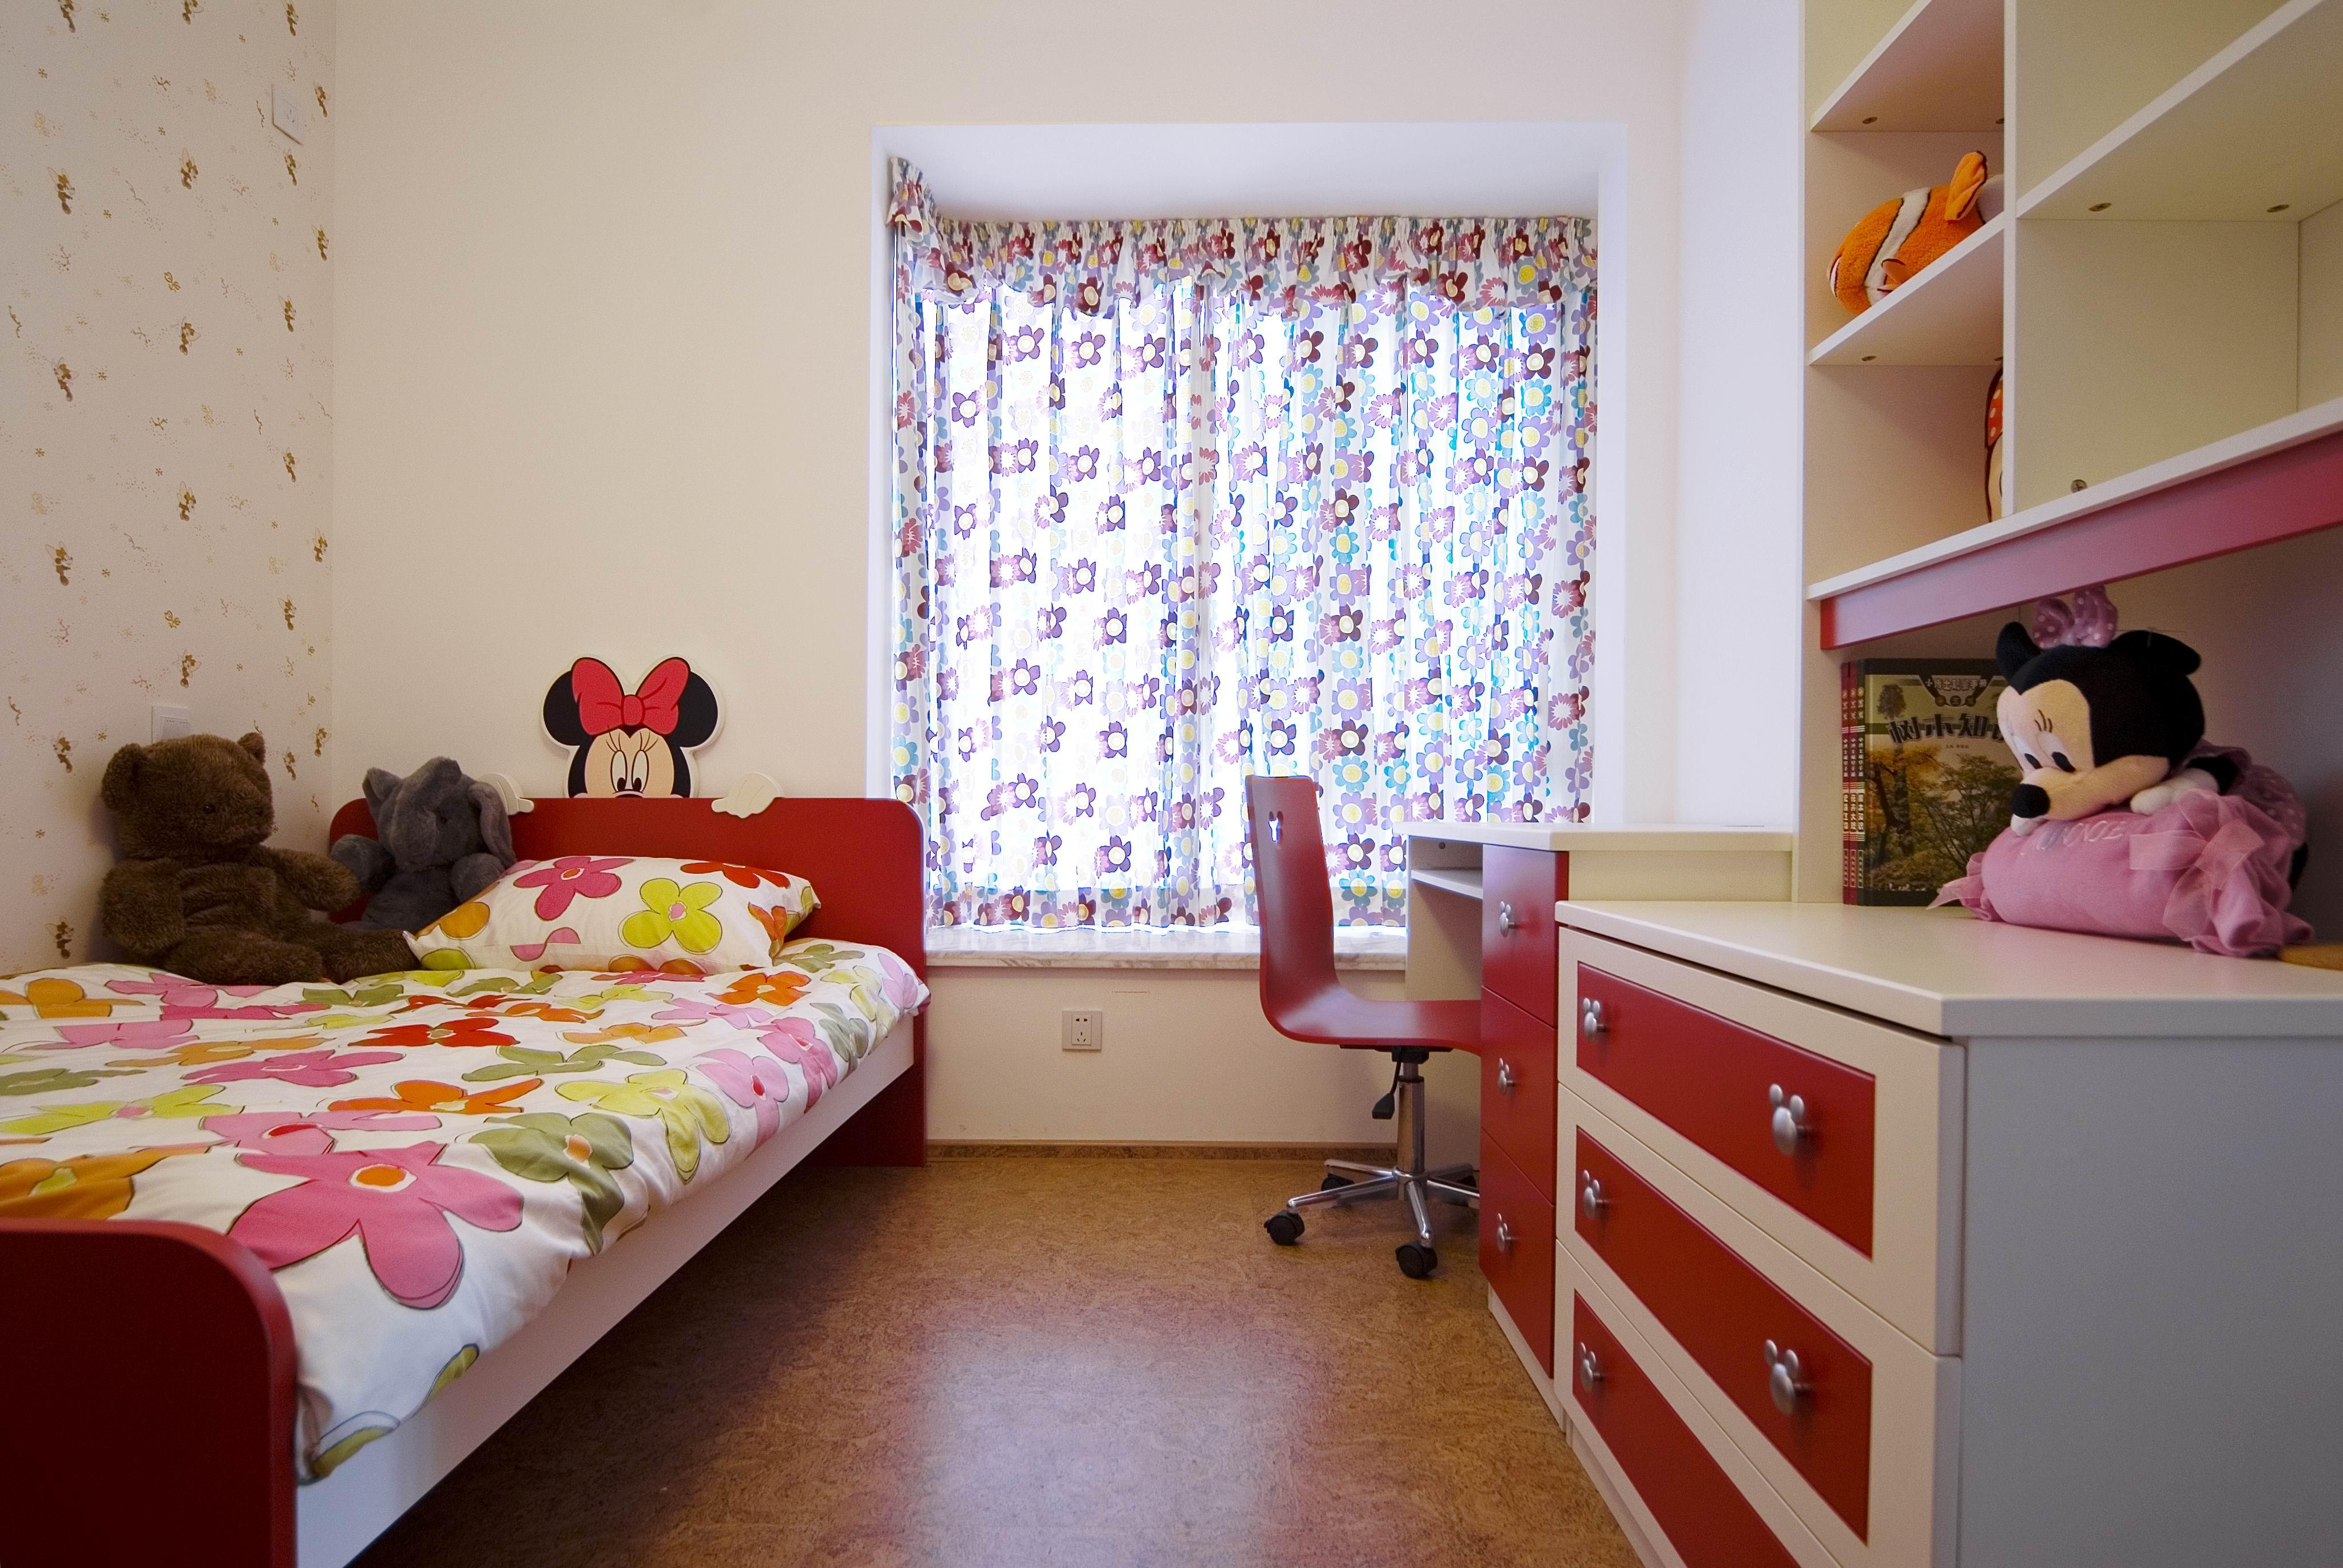 简约 简单 明亮 大气 对比 卧室图片来自石家庄今朝生态家居馆在维多利亚简约的分享